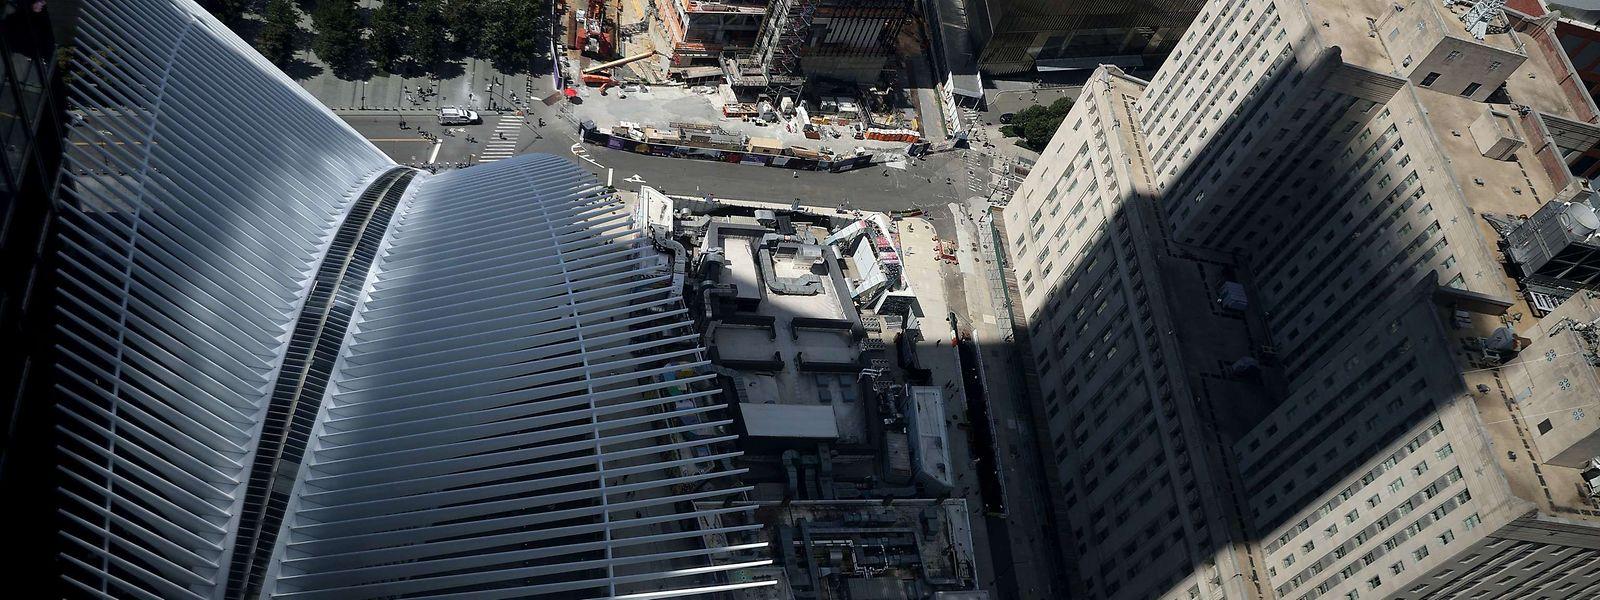 """Das 16 Hektar große Gelände des """"Ground Zero"""" ist heute eine Gedenkstätte für die 2.606 Zivilisten, Feuerwehrleute und Polizeibeamten, die in den Türmen und in der Umgebung ums Leben kamen, sowie für die 147 Zivilisten, die sich an Bord der Flugzeuge befanden."""